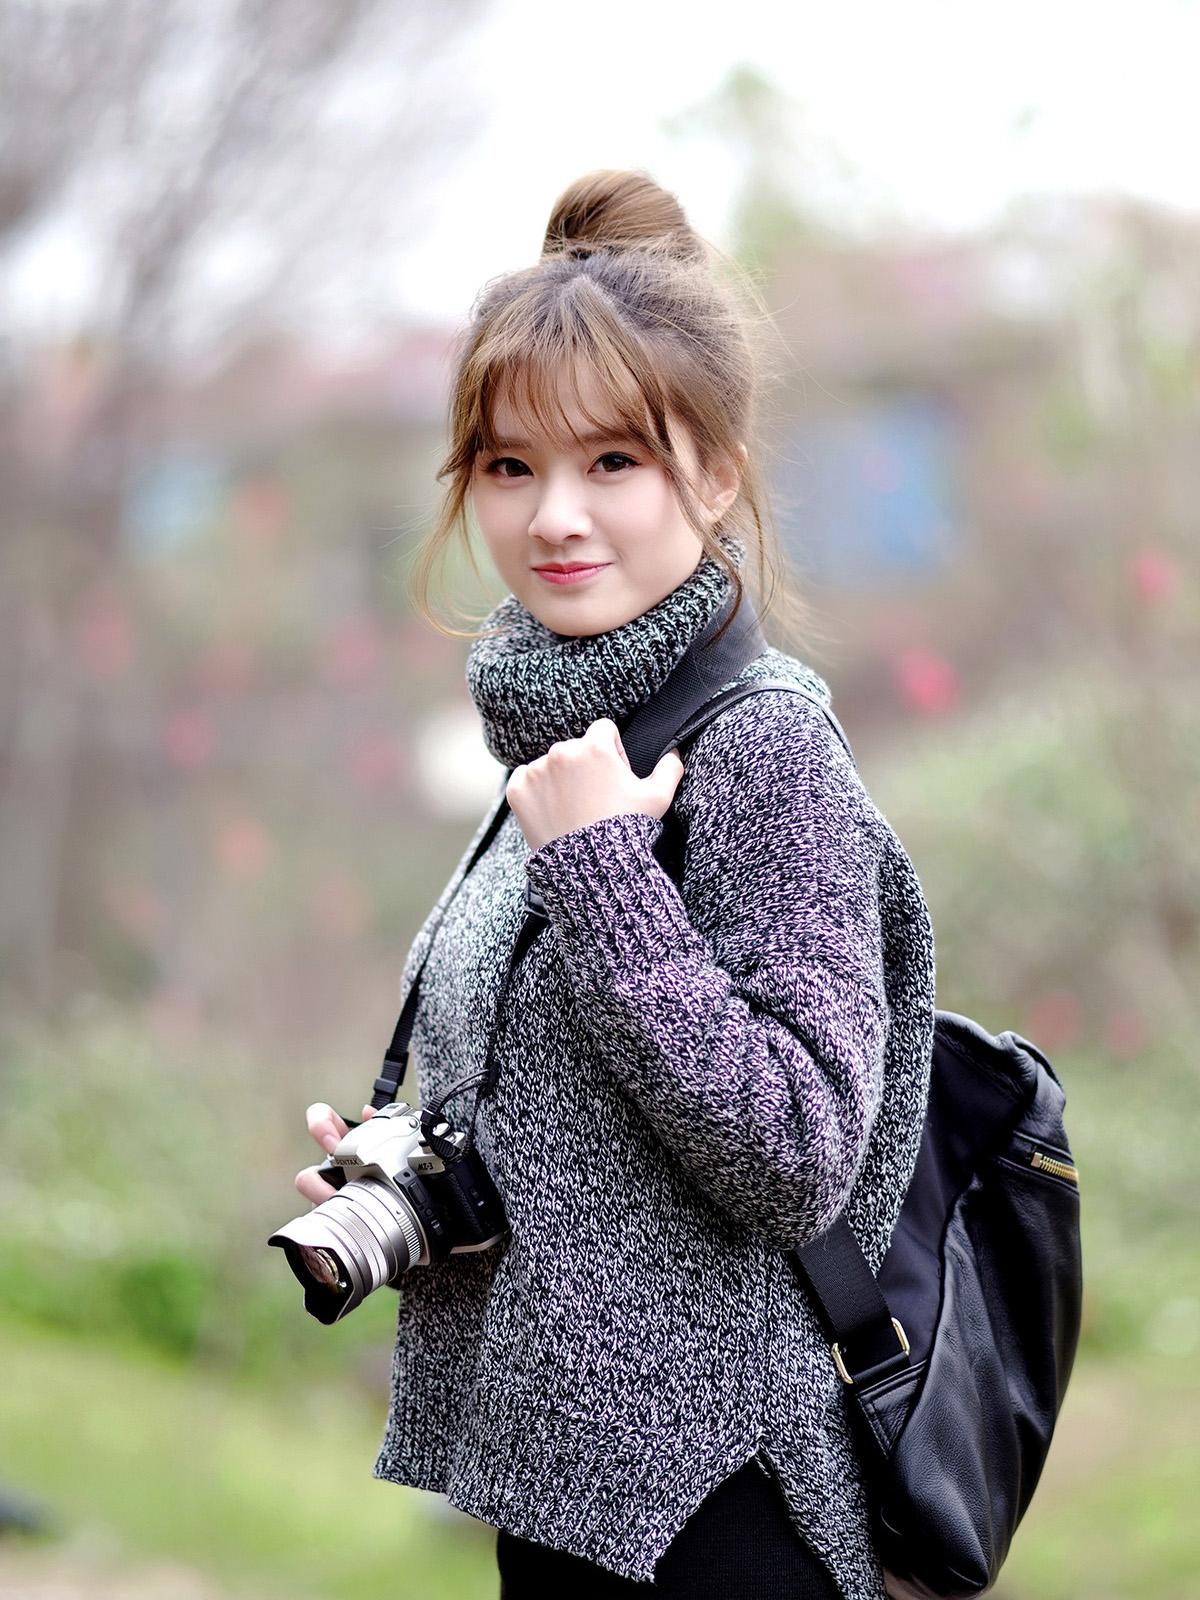 【现代时尚素材篇】人见人爱--迷人清纯美女 第119辑 - 浪漫人生 - .